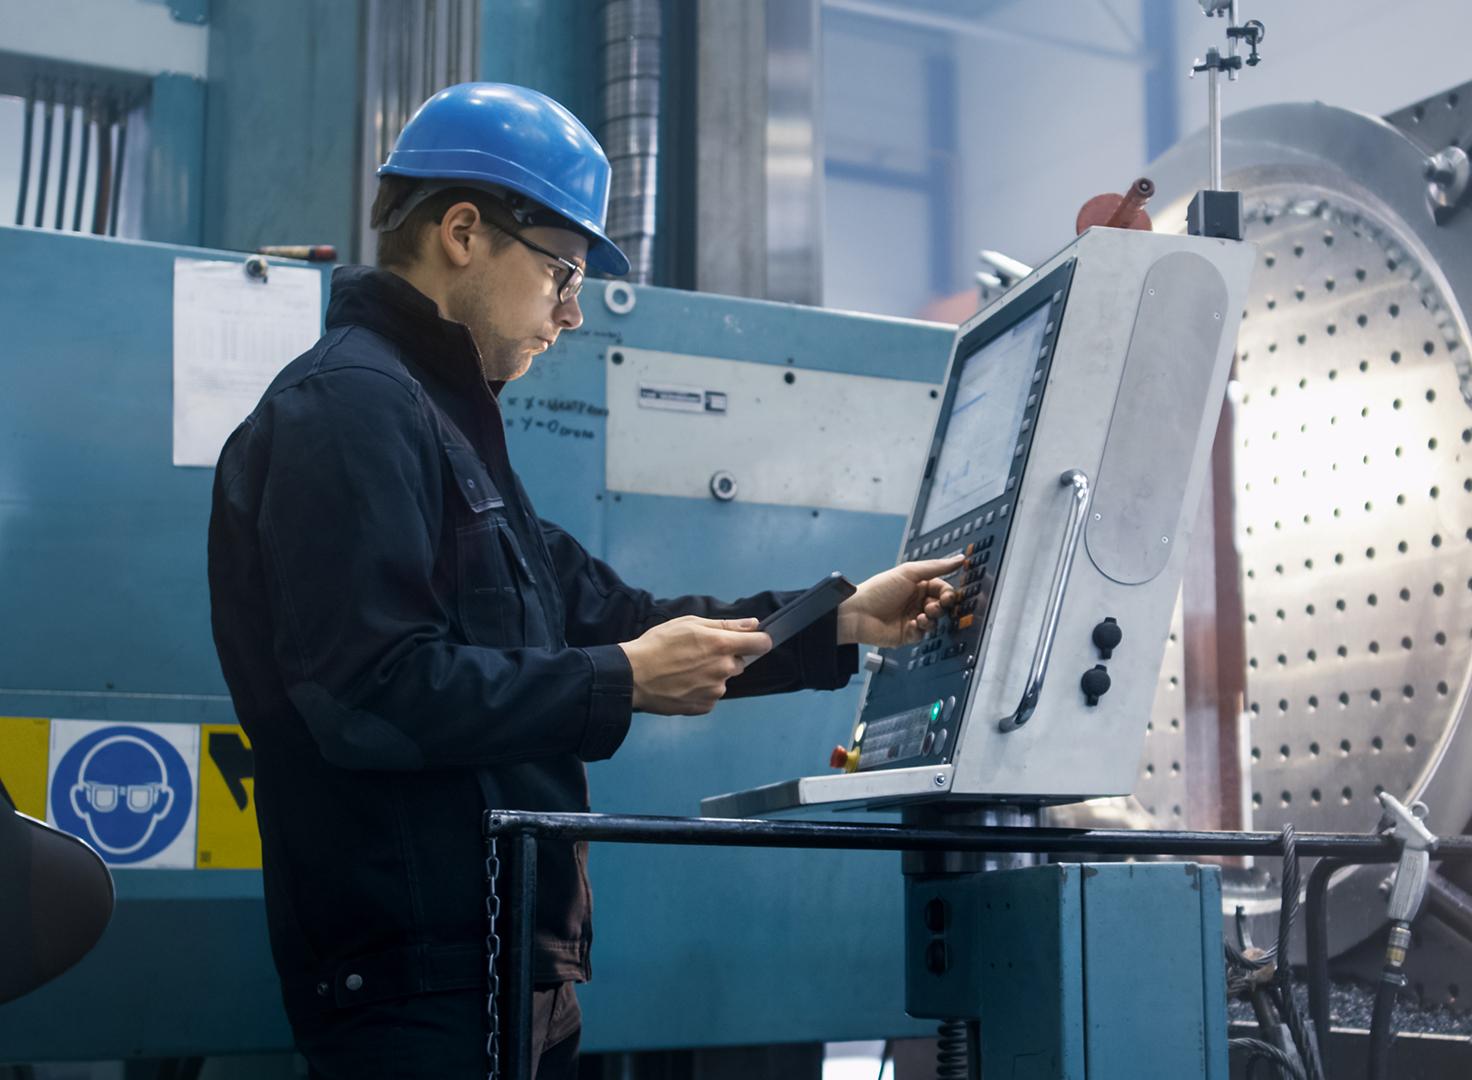 Homme utilisant un terminal dans une chaîne de production